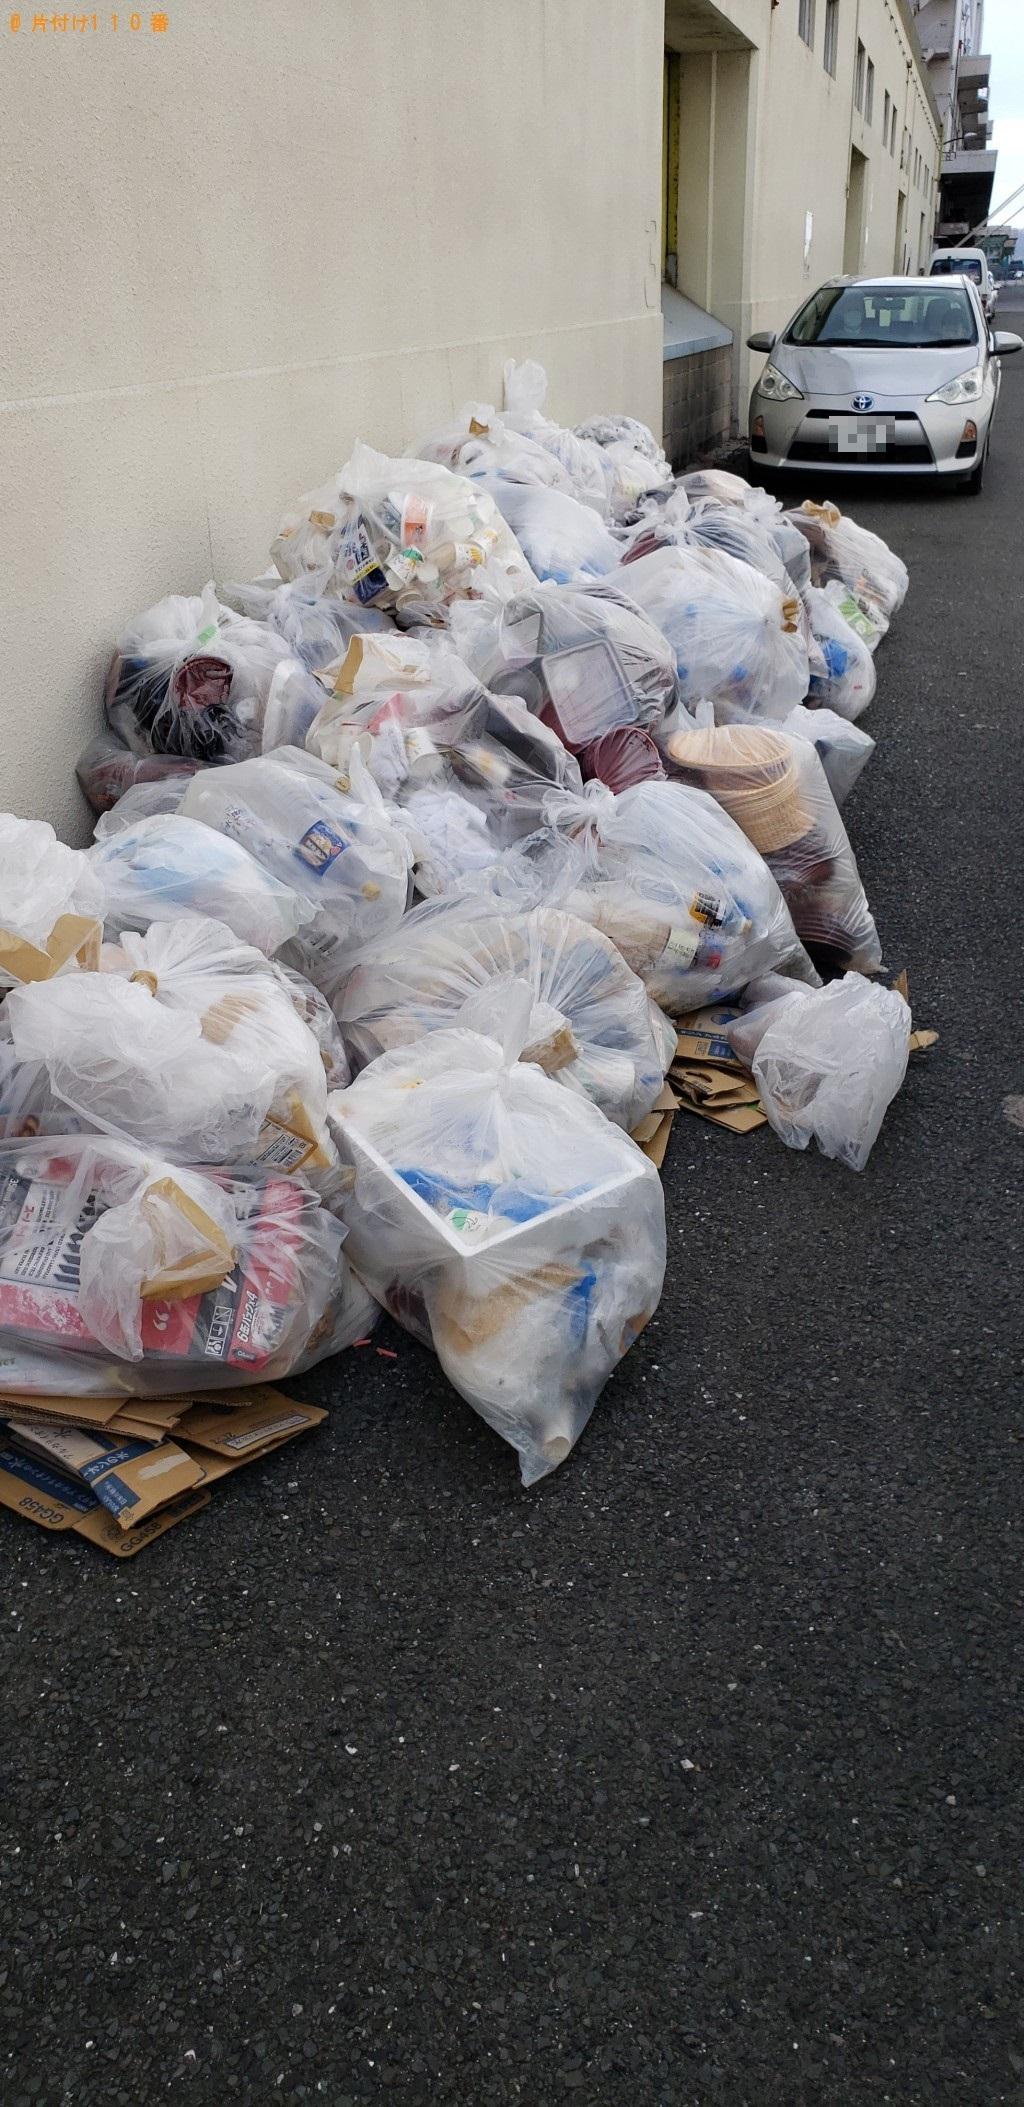 【北九州市門司区】生ゴミ、家庭ごみの回収・処分 お客様の声